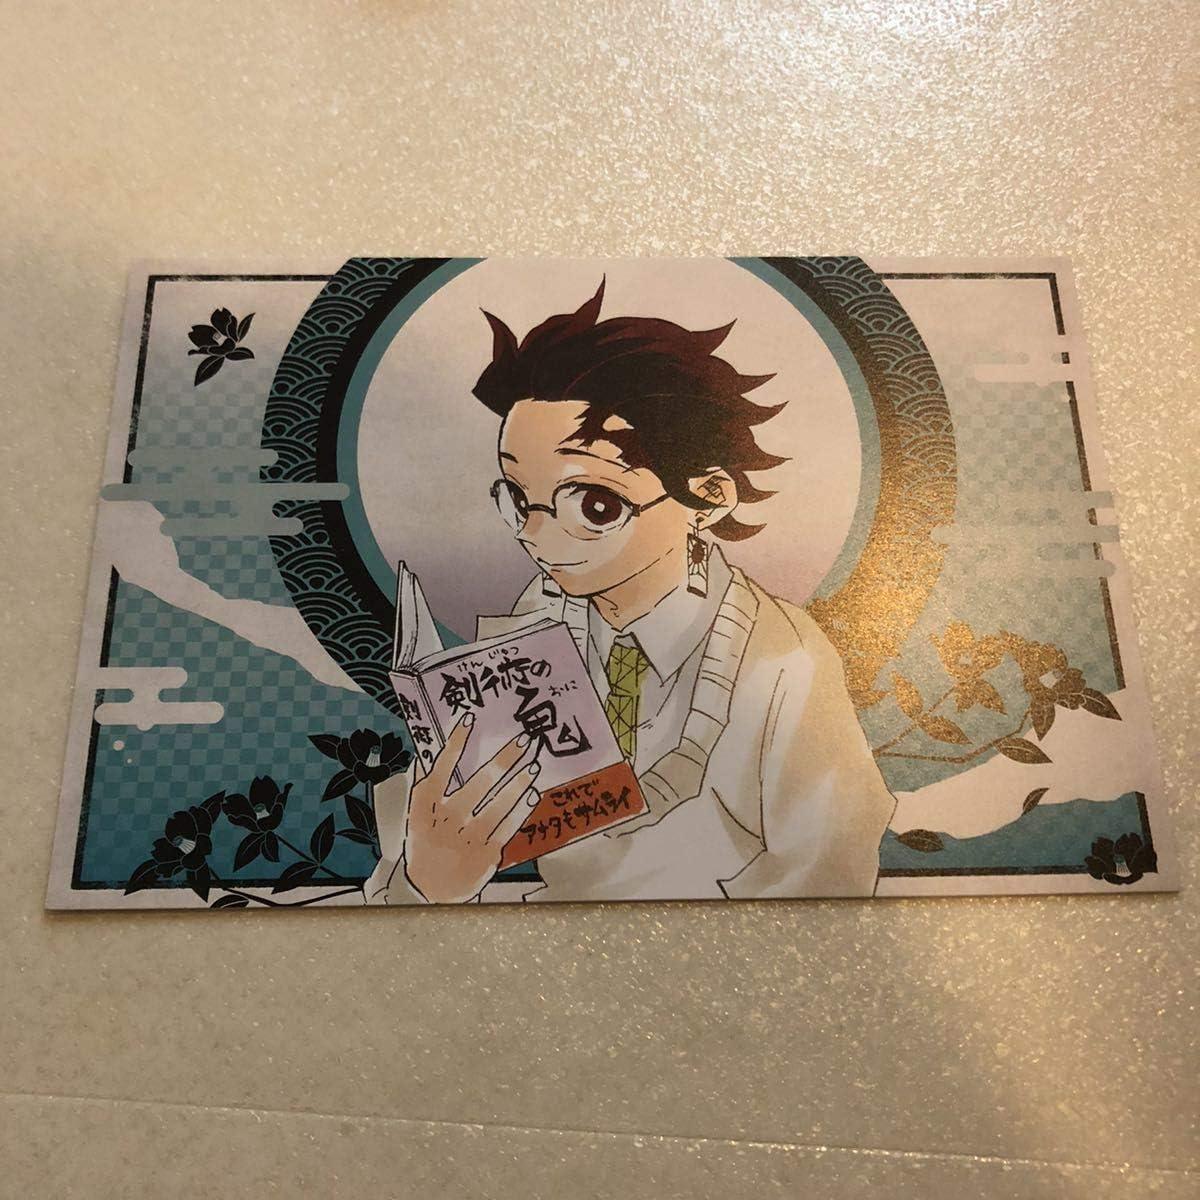 鬼滅の刃 きめつのやいば 竃門炭治郎 コミックカレンダー2020 初回生産限定特典 ポストカード